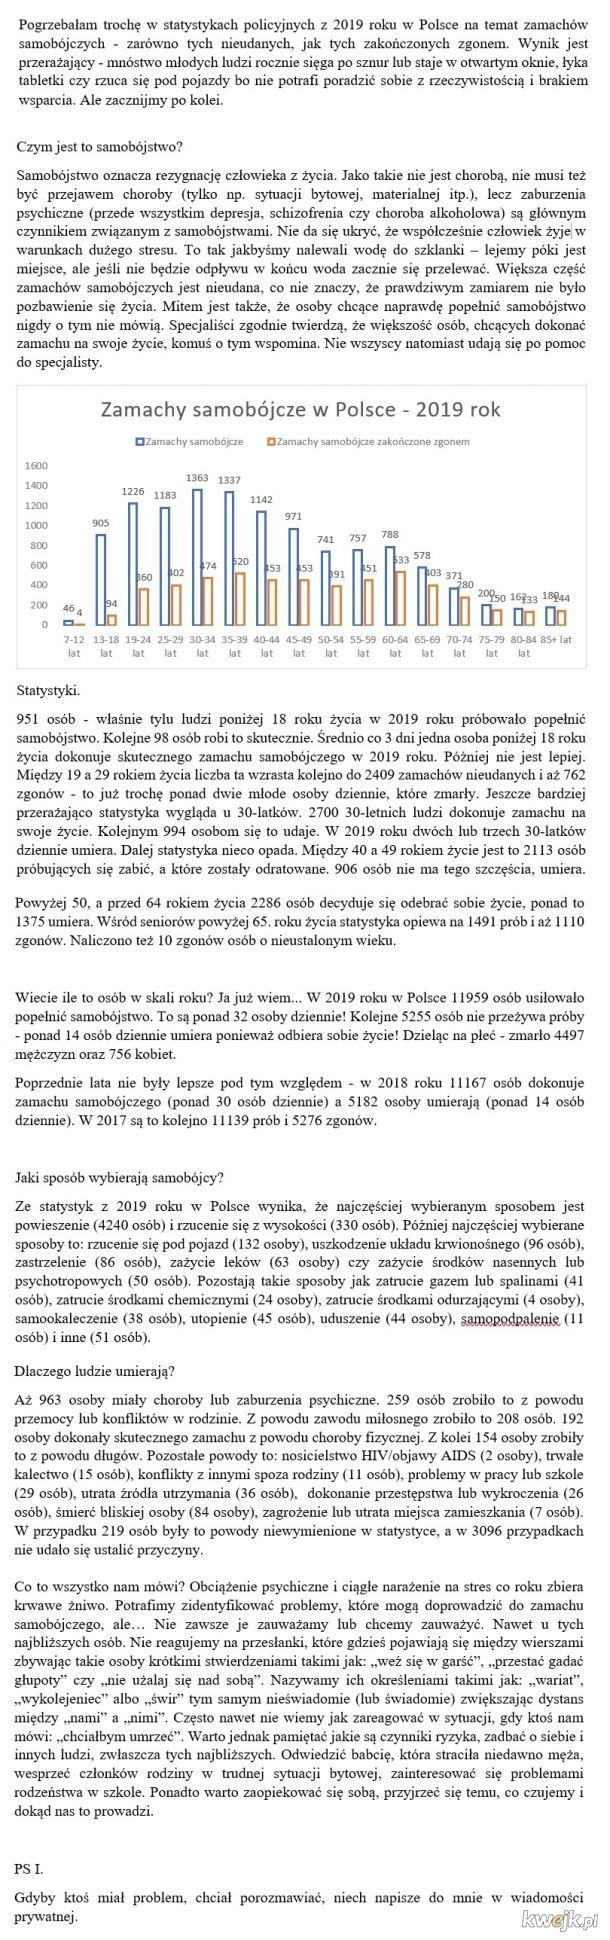 Polskie statystyki policyjne odnośnie zamachów samobójczych